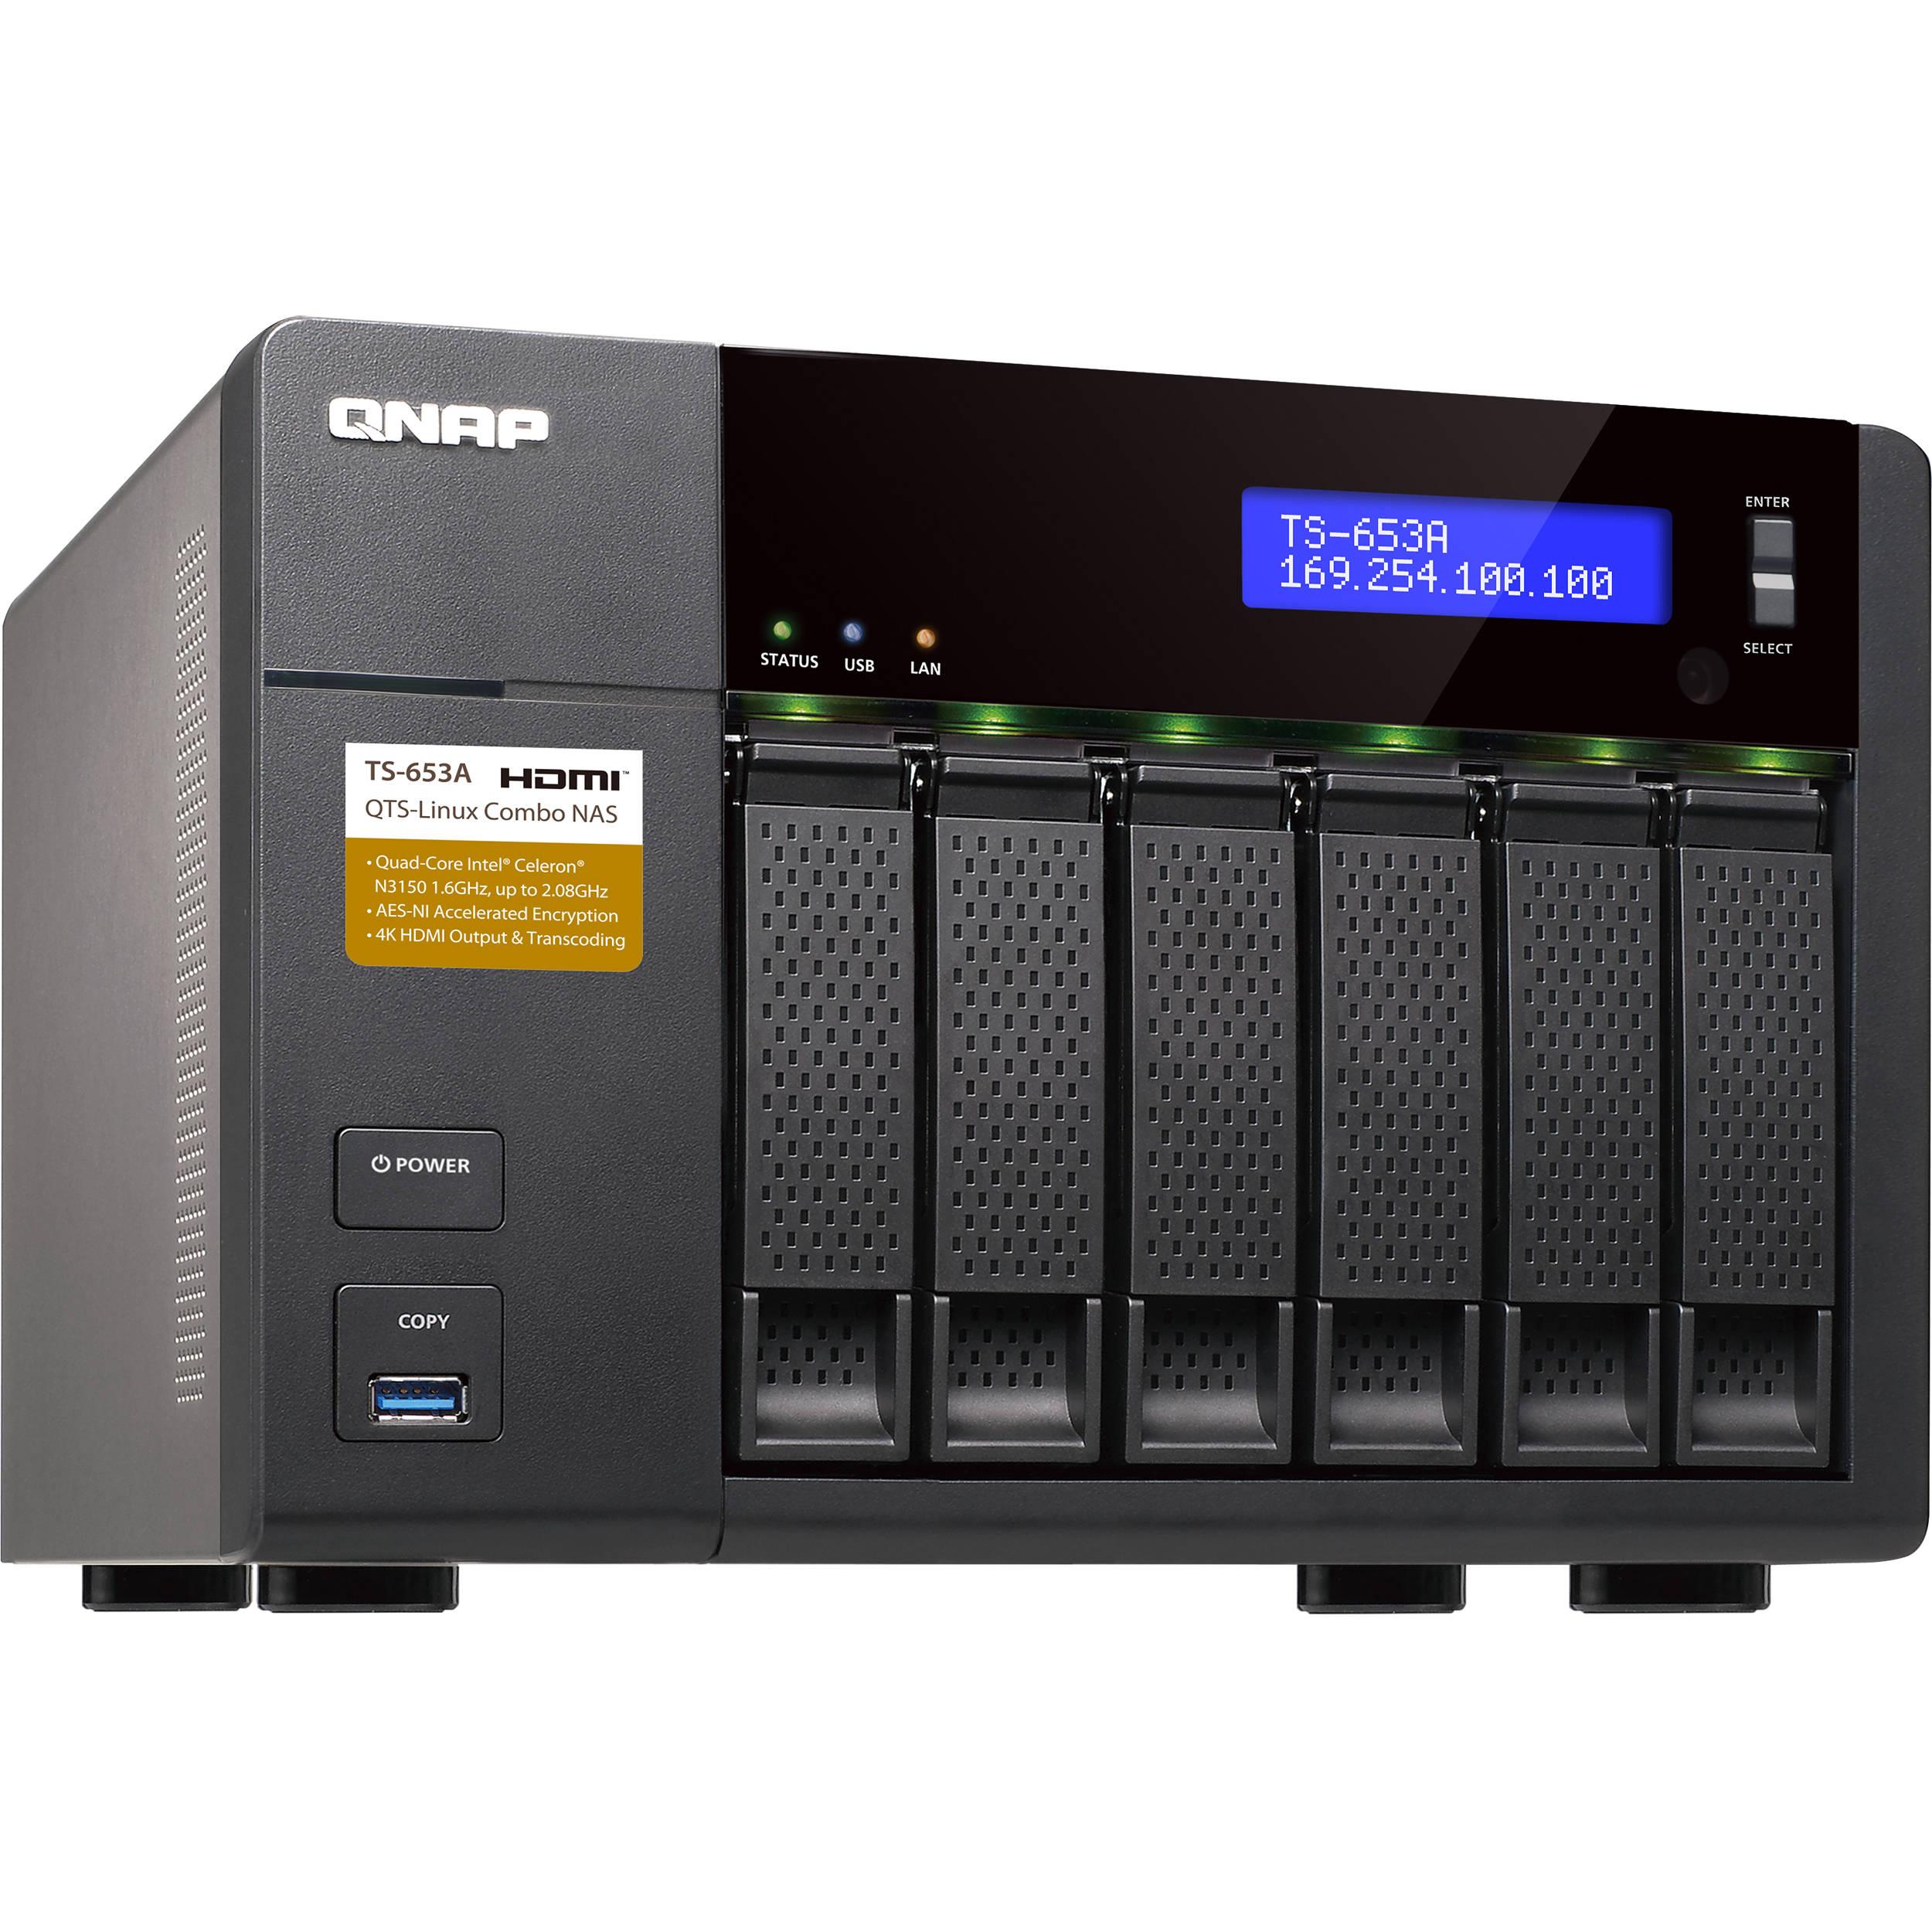 QNAP TS-653A 6-Bay NAS Enclosure